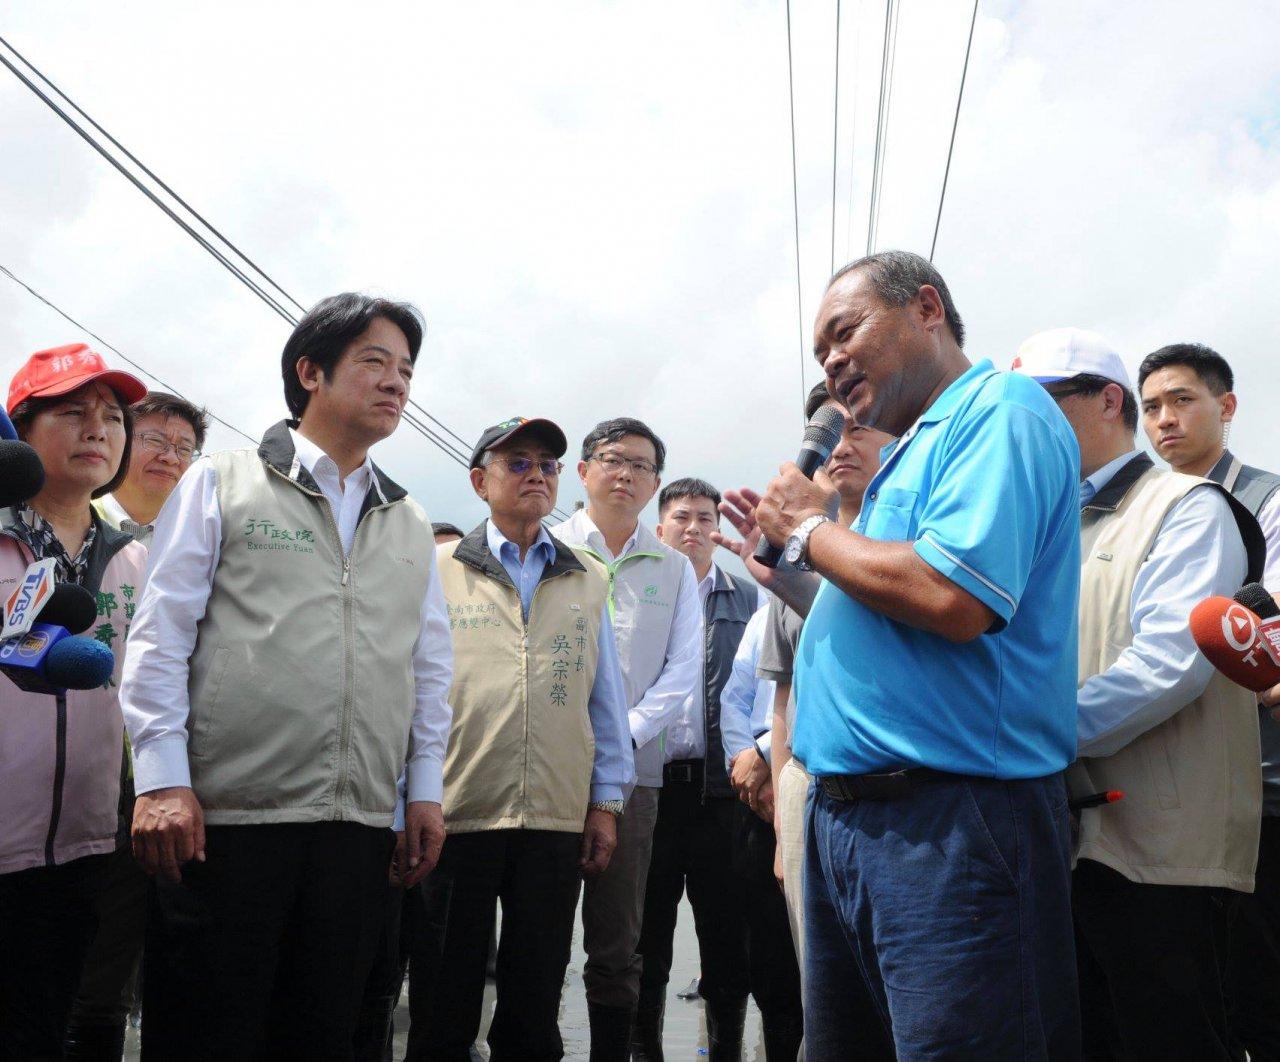 台南勘災 賴揆:豪雨灌社區 外水未氾濫